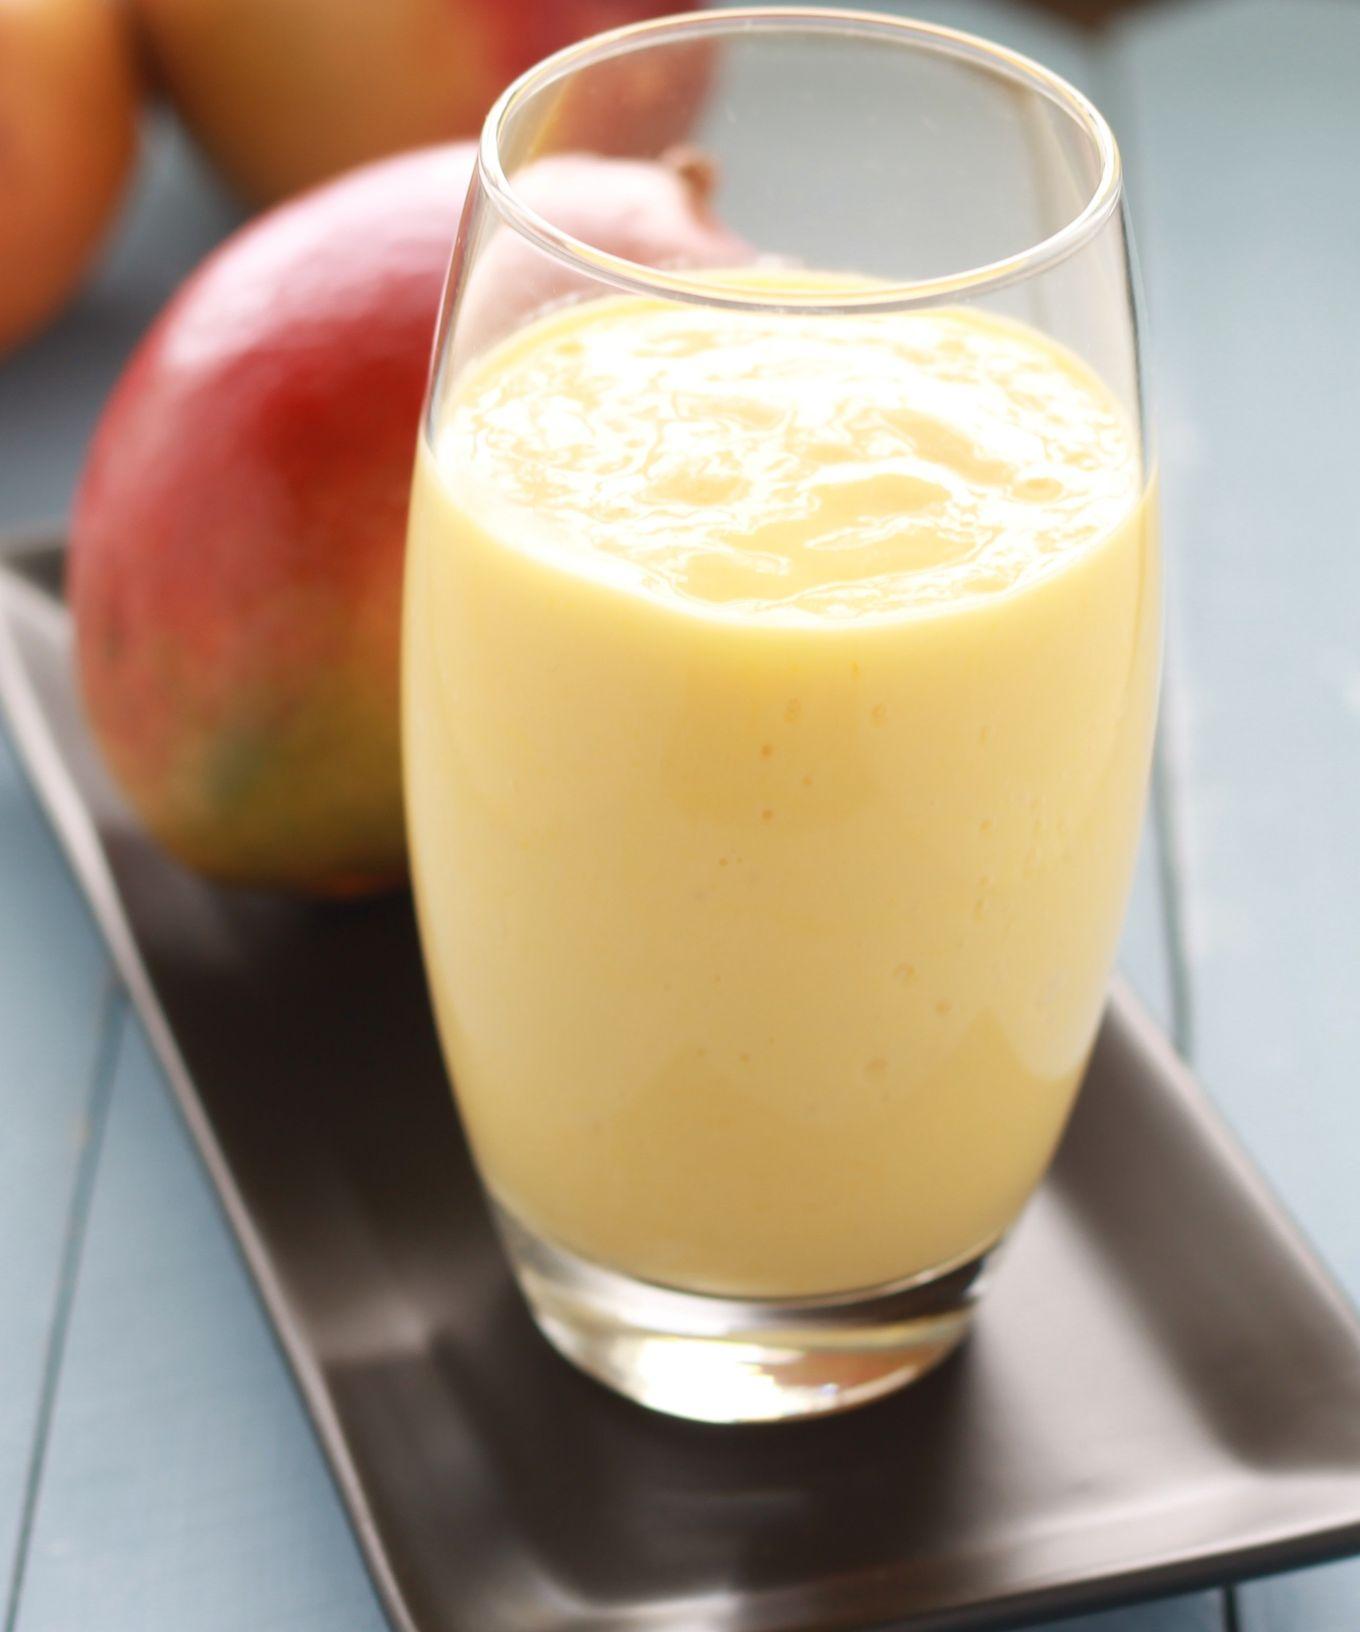 Délicieux lassi à la mangue sucré, rafraîchissant et très facile à faire. Une recette saine : mangue fraîche ou surgelée, yaourt, eau ou lait, sucre. / cuisineculinaire.com